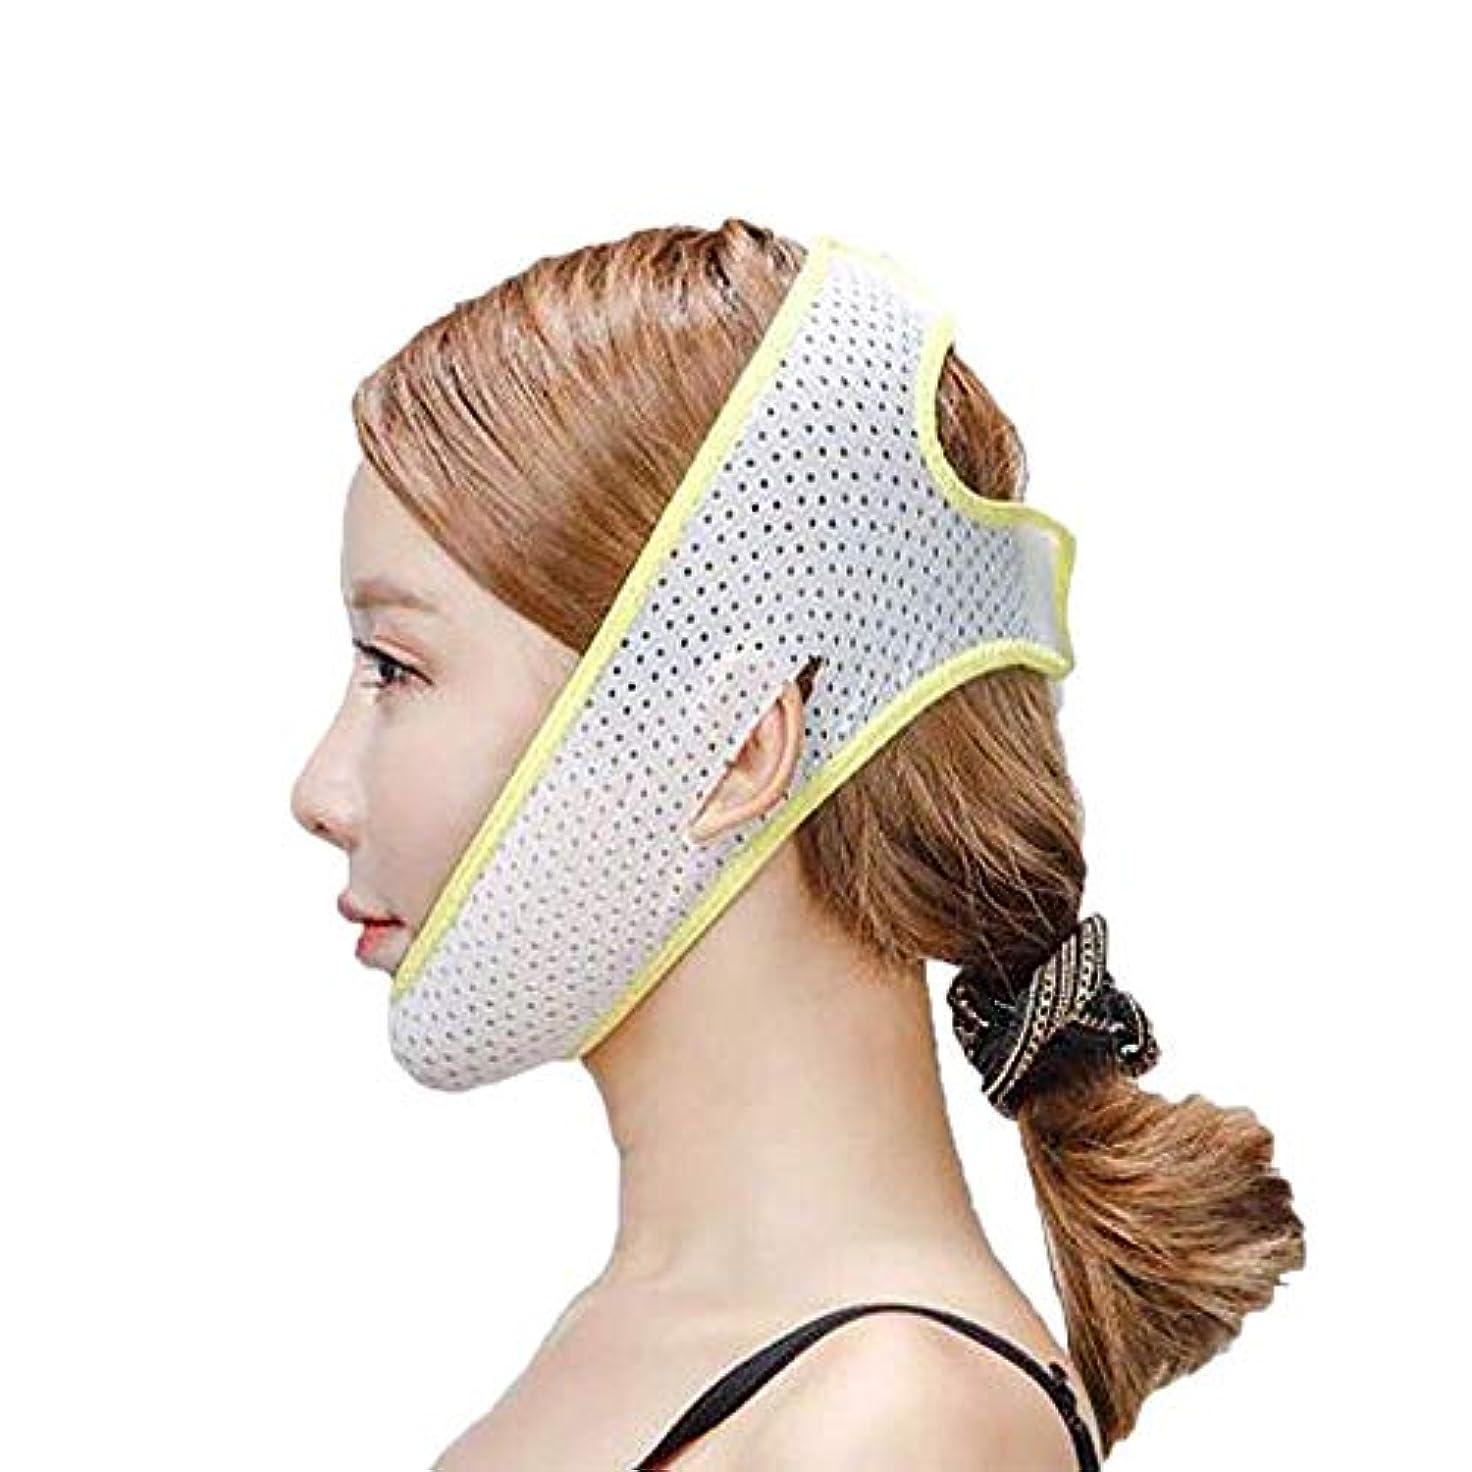 あえて分岐するポーンフェイスリフトマスク、ダブルチンストラップ、フェイシャル減量マスク、フェイシャルダブルチンケアスリミングマスク、リンクルマスク(フリーサイズ)(カラー:ブラック),黄